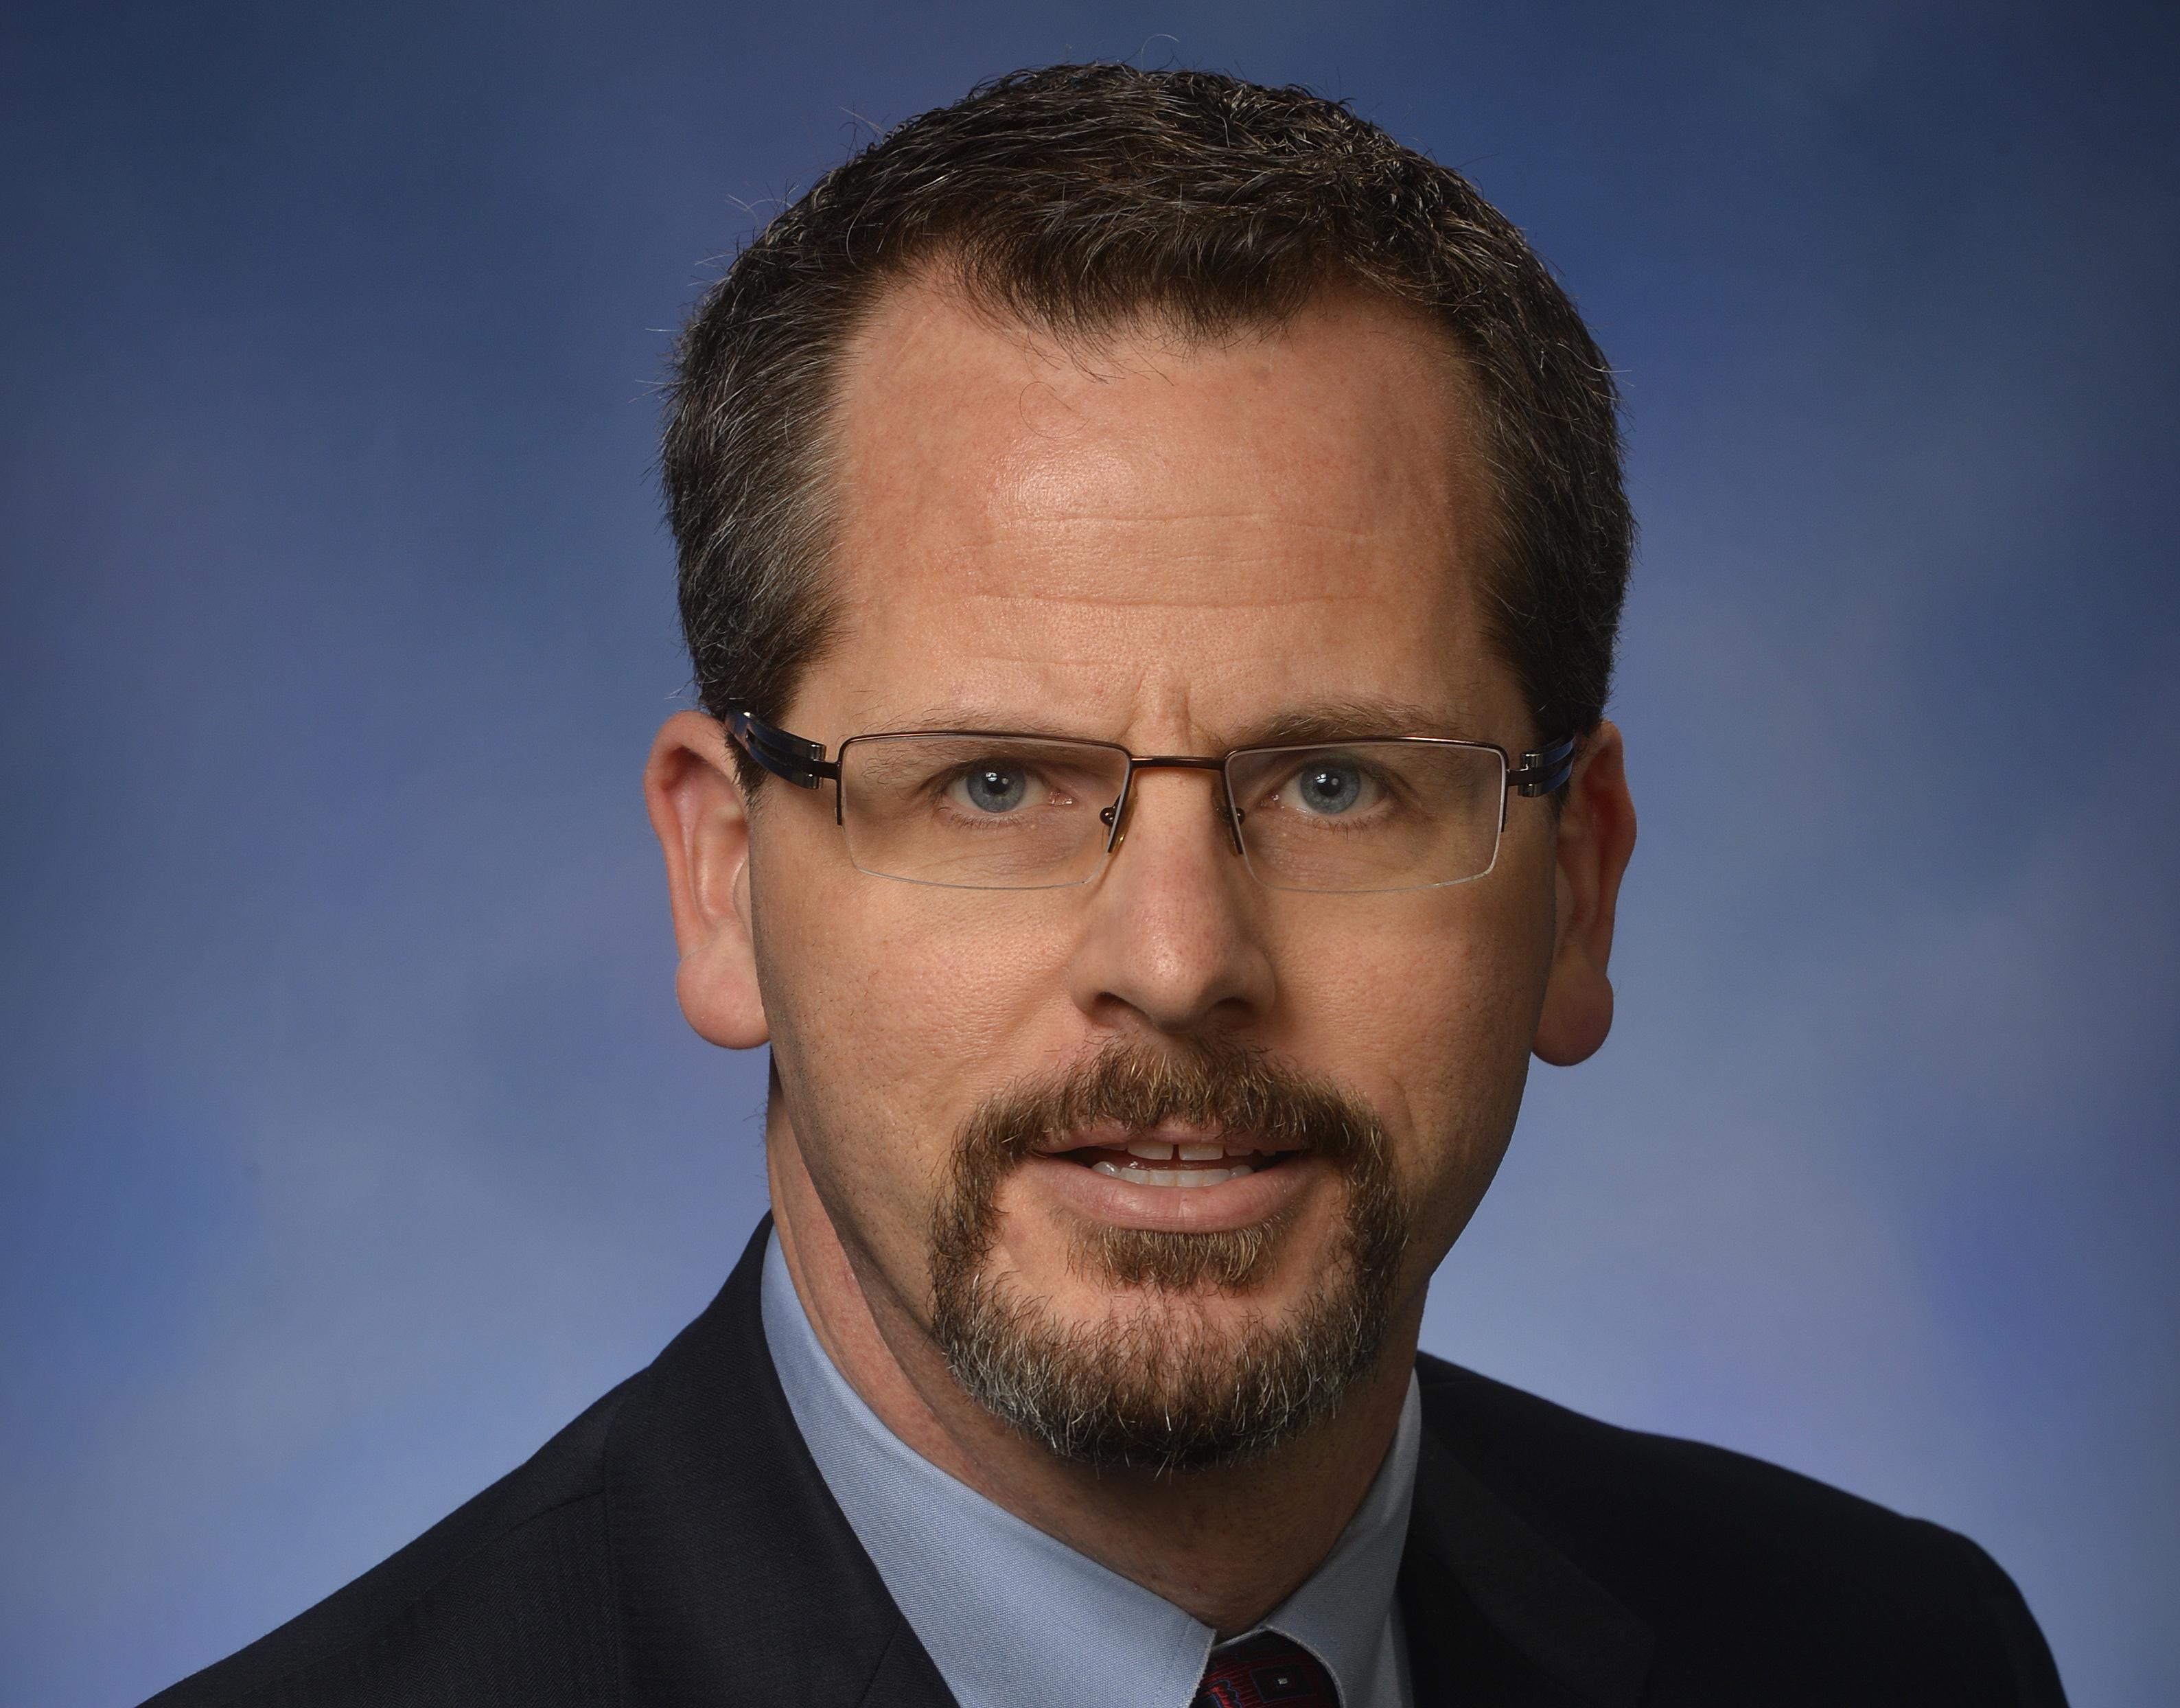 Rep. Todd Courser